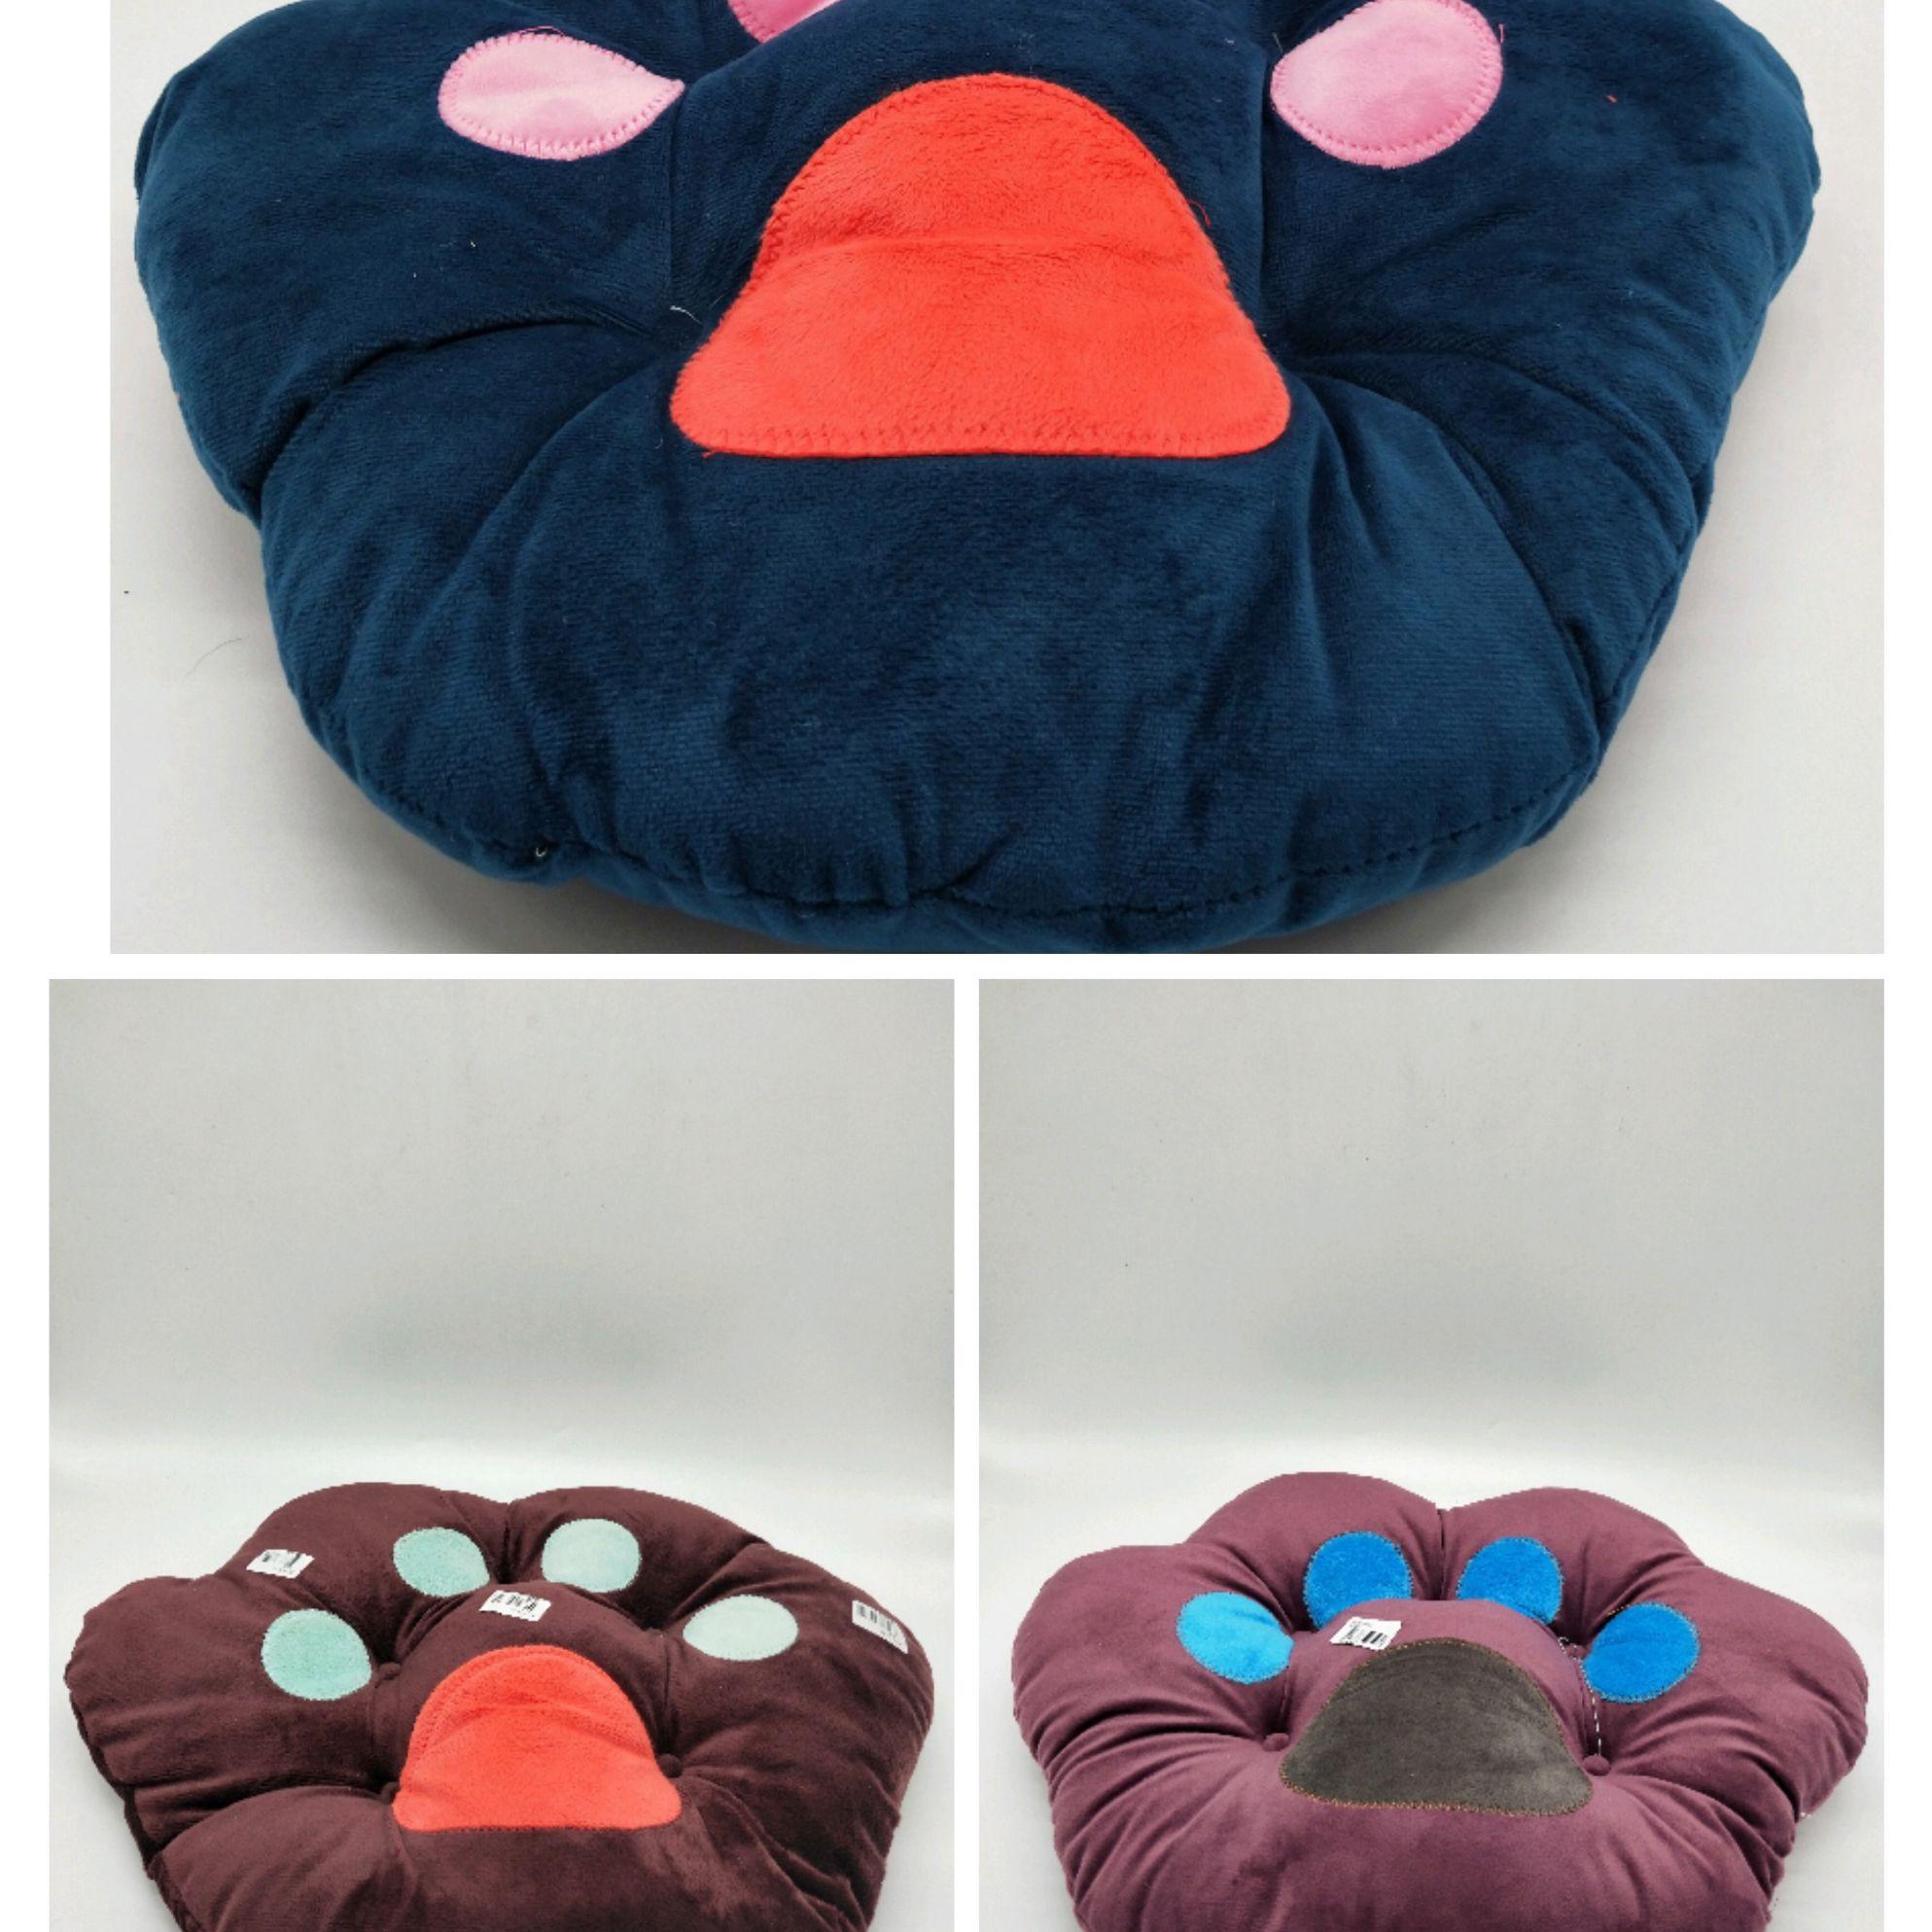 秋冬季可爱卡通熊掌坐垫椅子垫